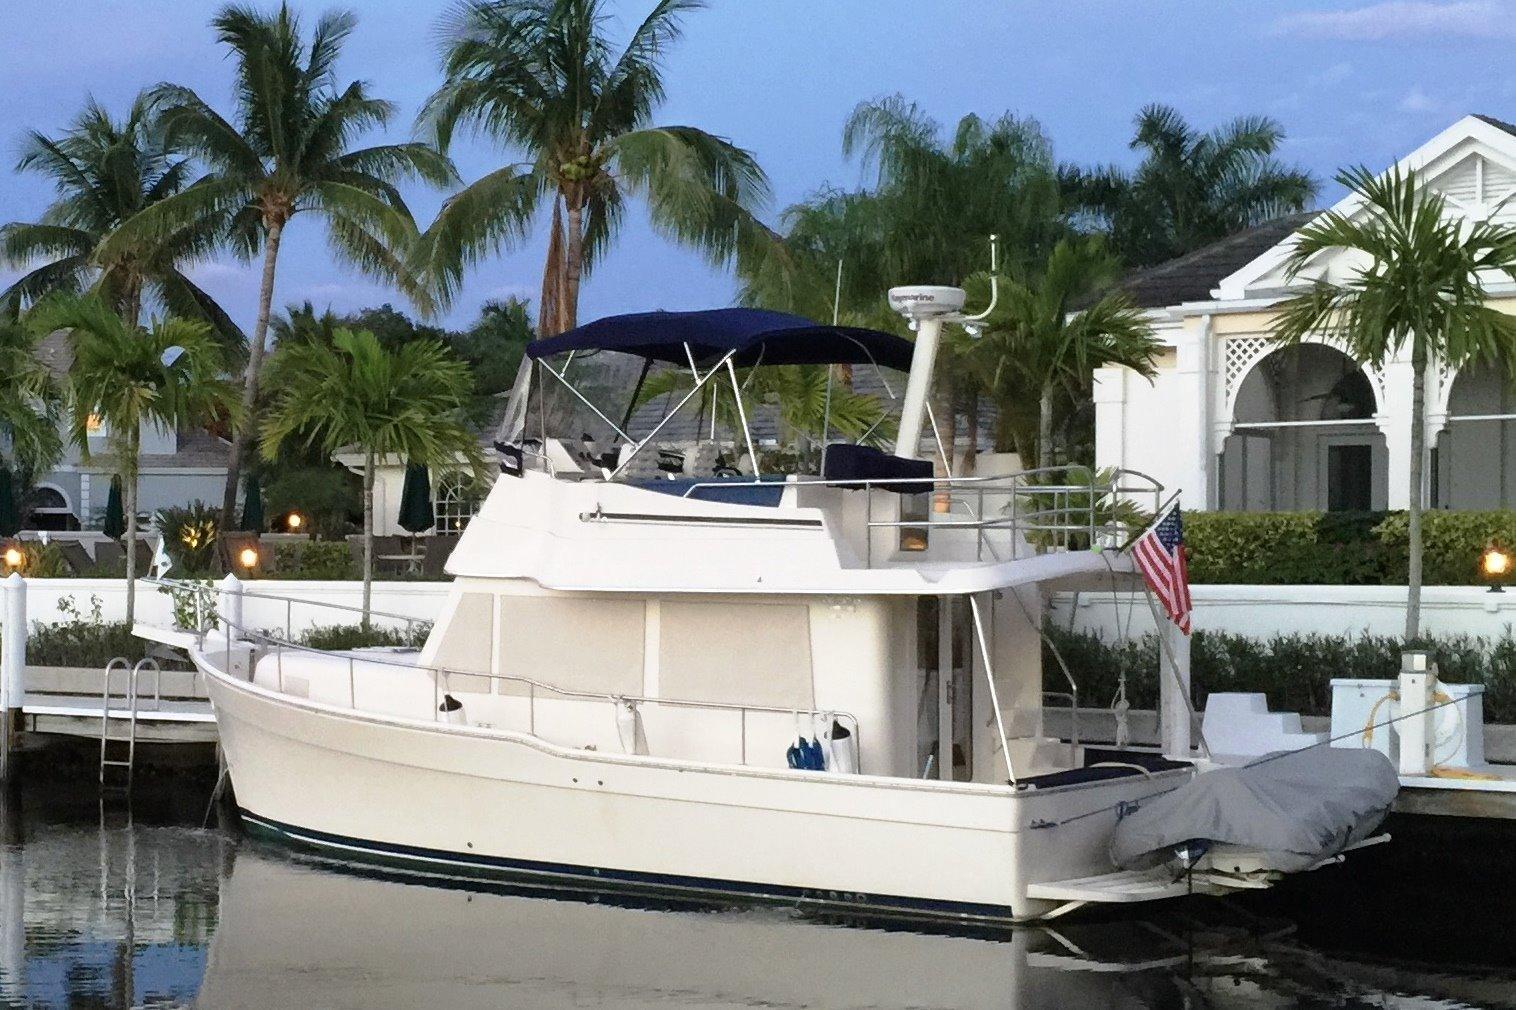 5973055_20161019142450647_1_XLARGE?w=800&h=400 2008 mainship 34 trawler 5973055  at edmiracle.co